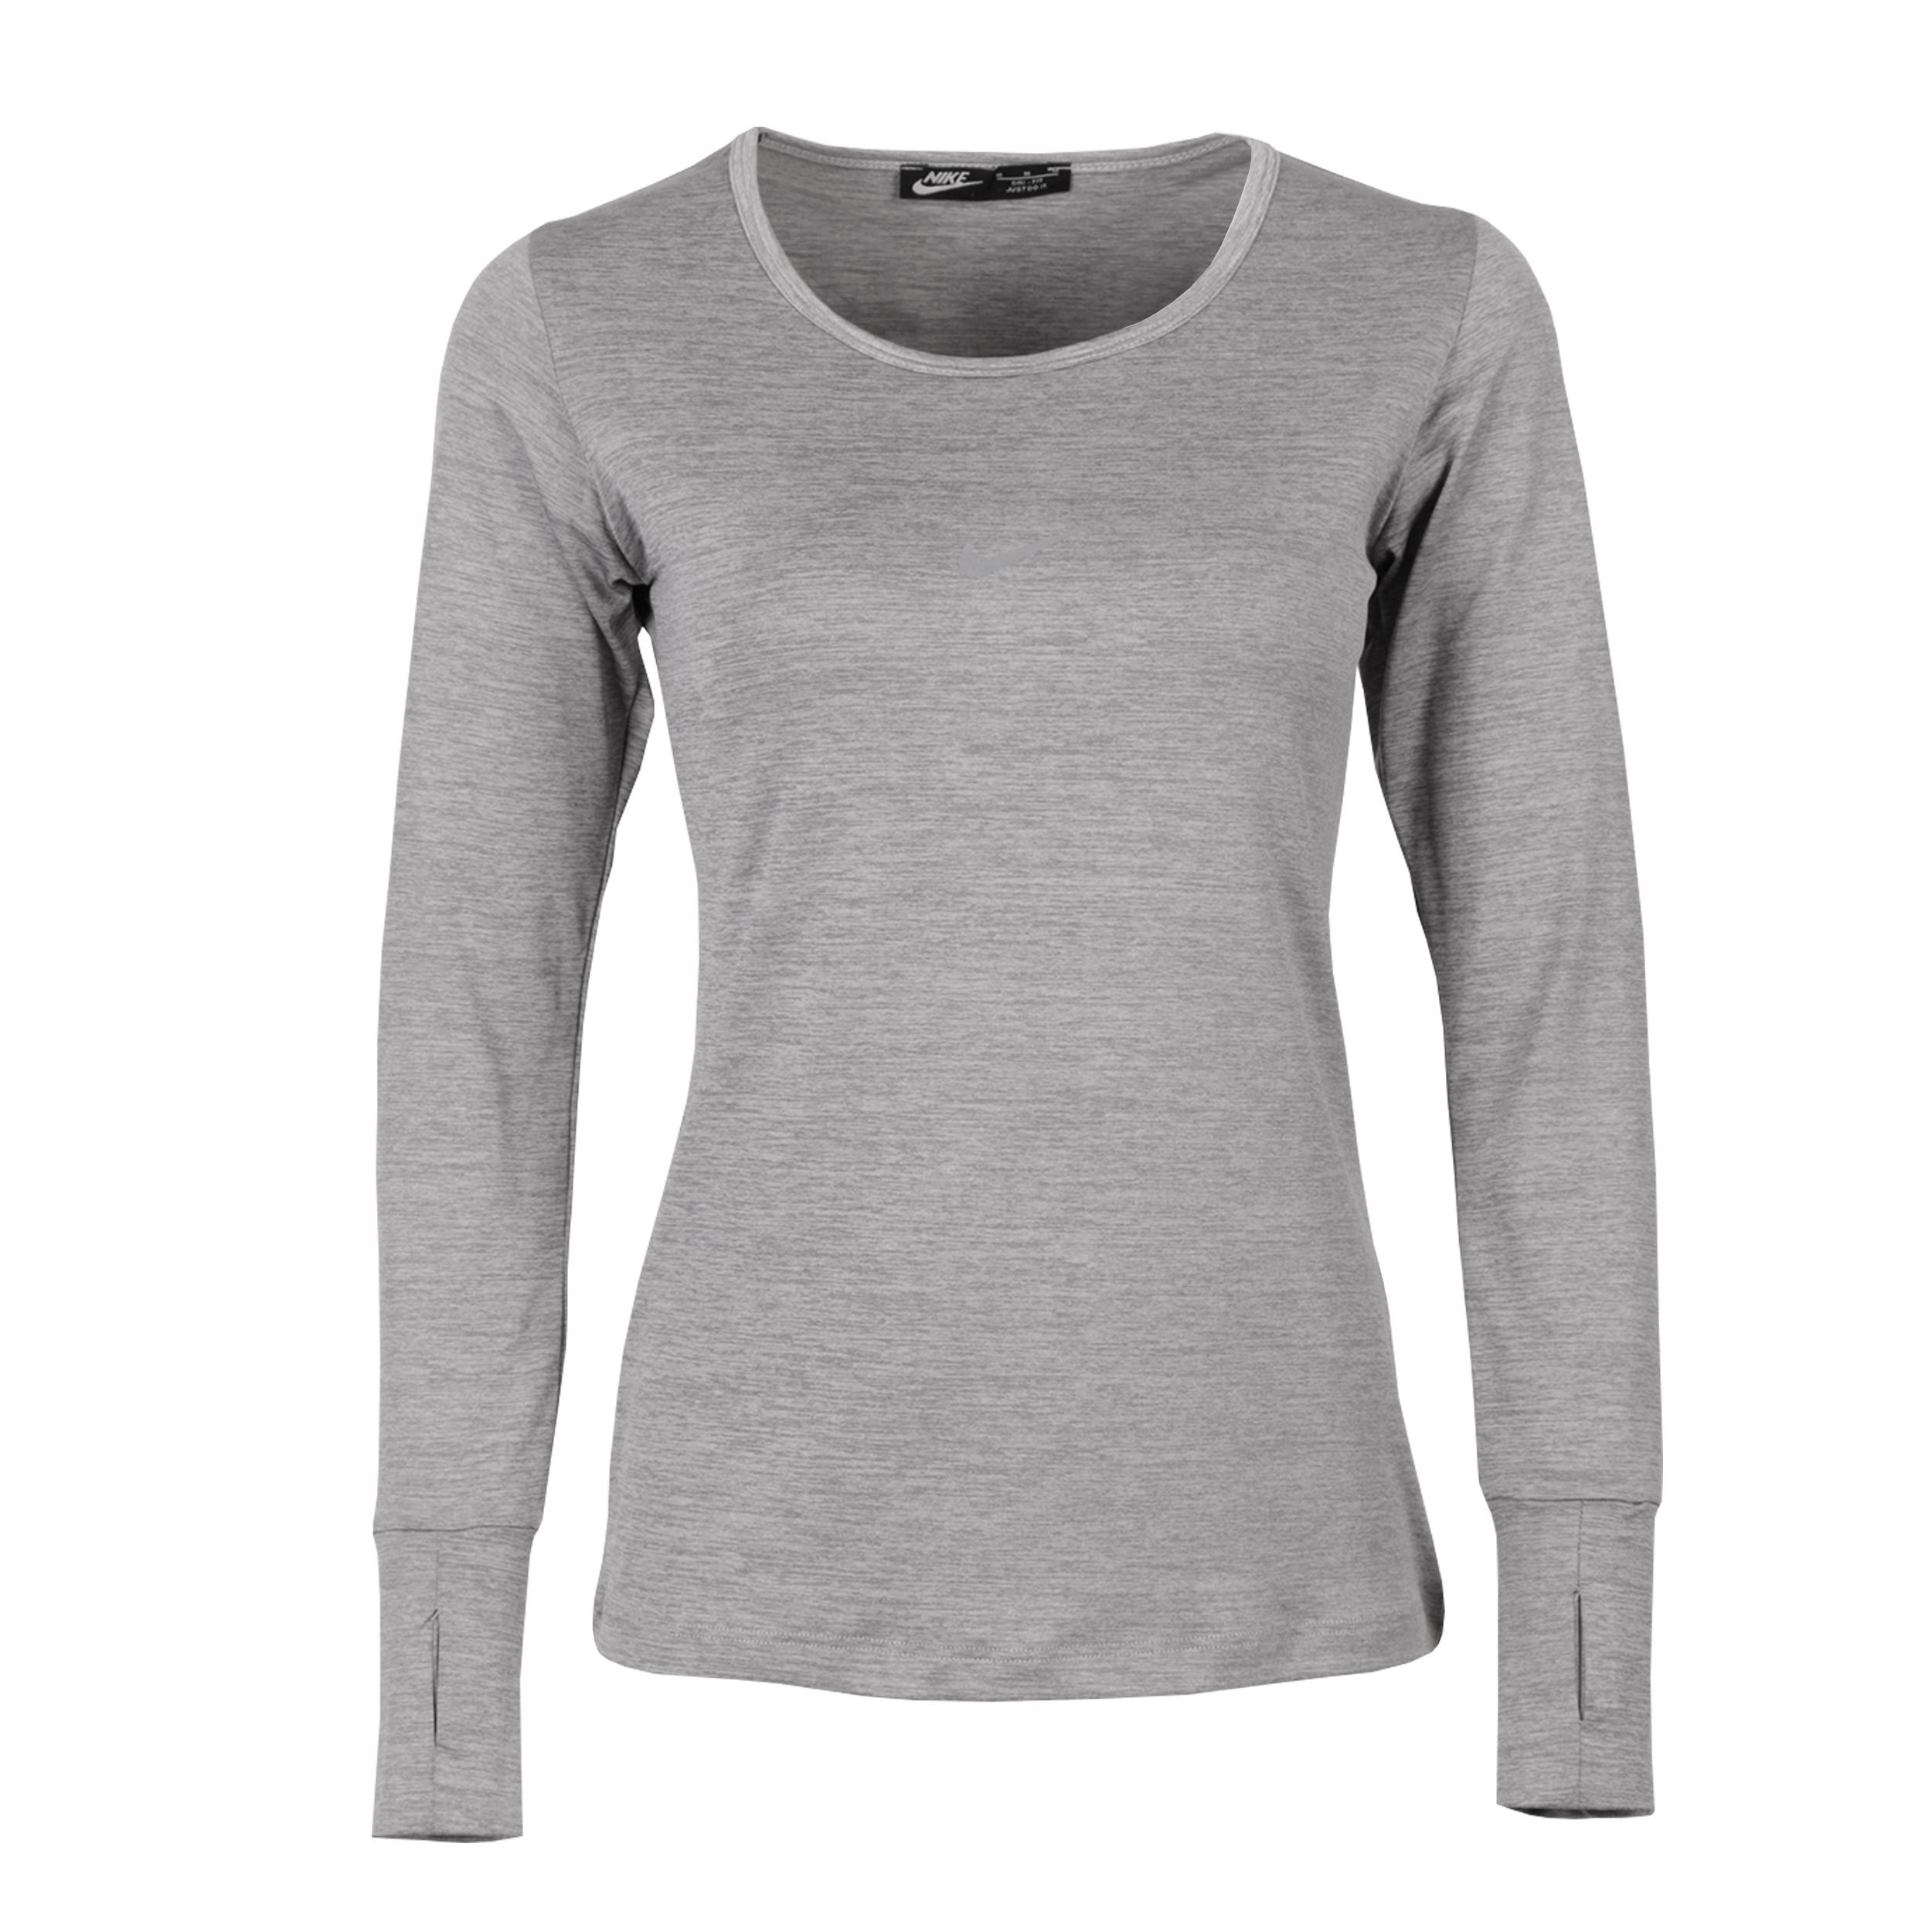 تی شرت آستین بلند ورزشی زنانه مدل 032 - 3940